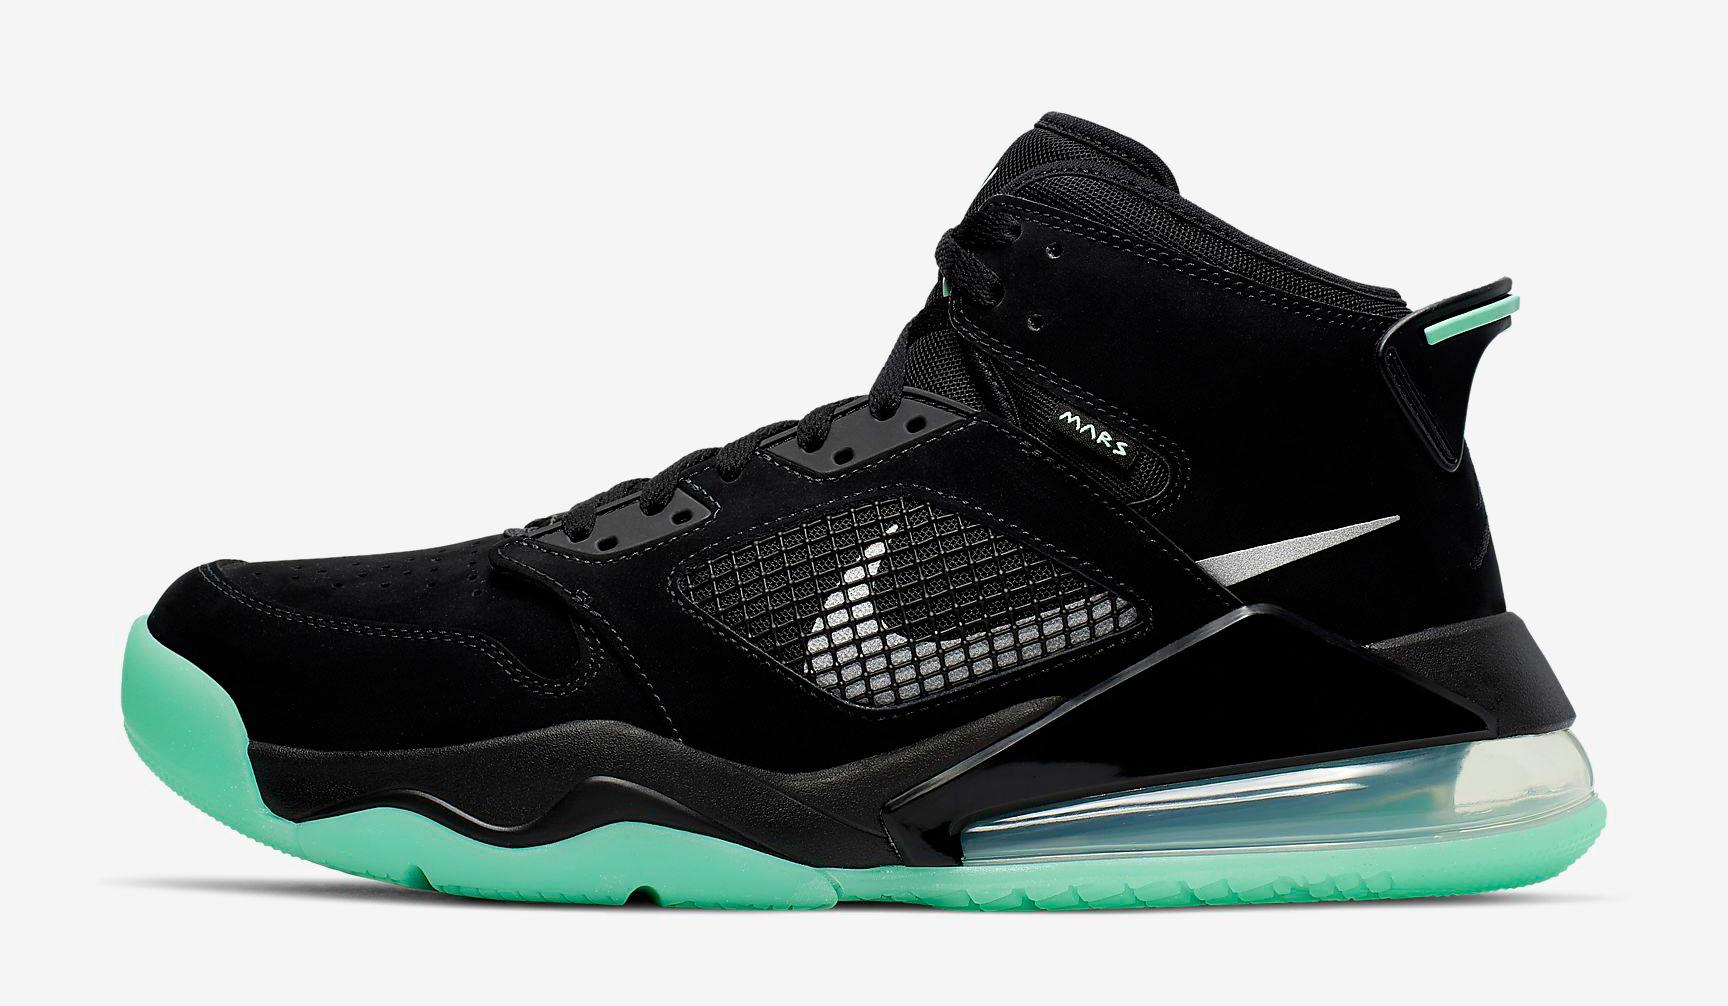 jordan-mars-270-black-green-glow-release-date